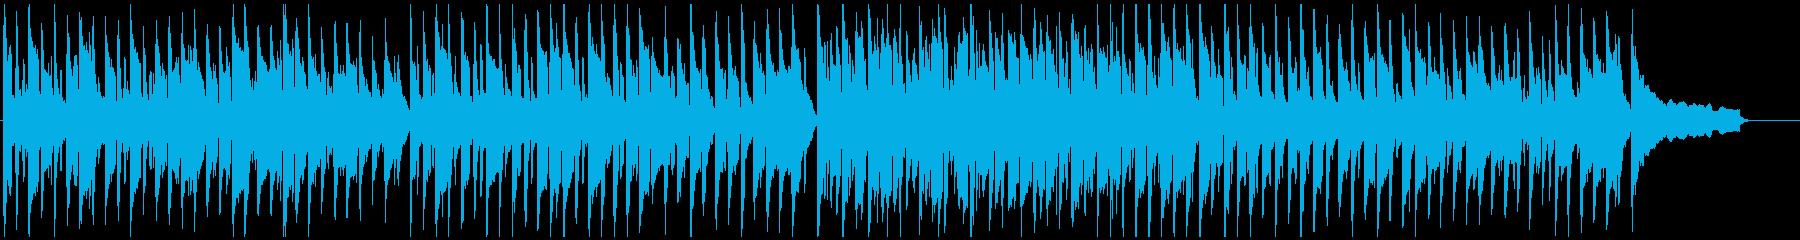 日常系リコーダー曲、へっぽこ、子供、脱力の再生済みの波形